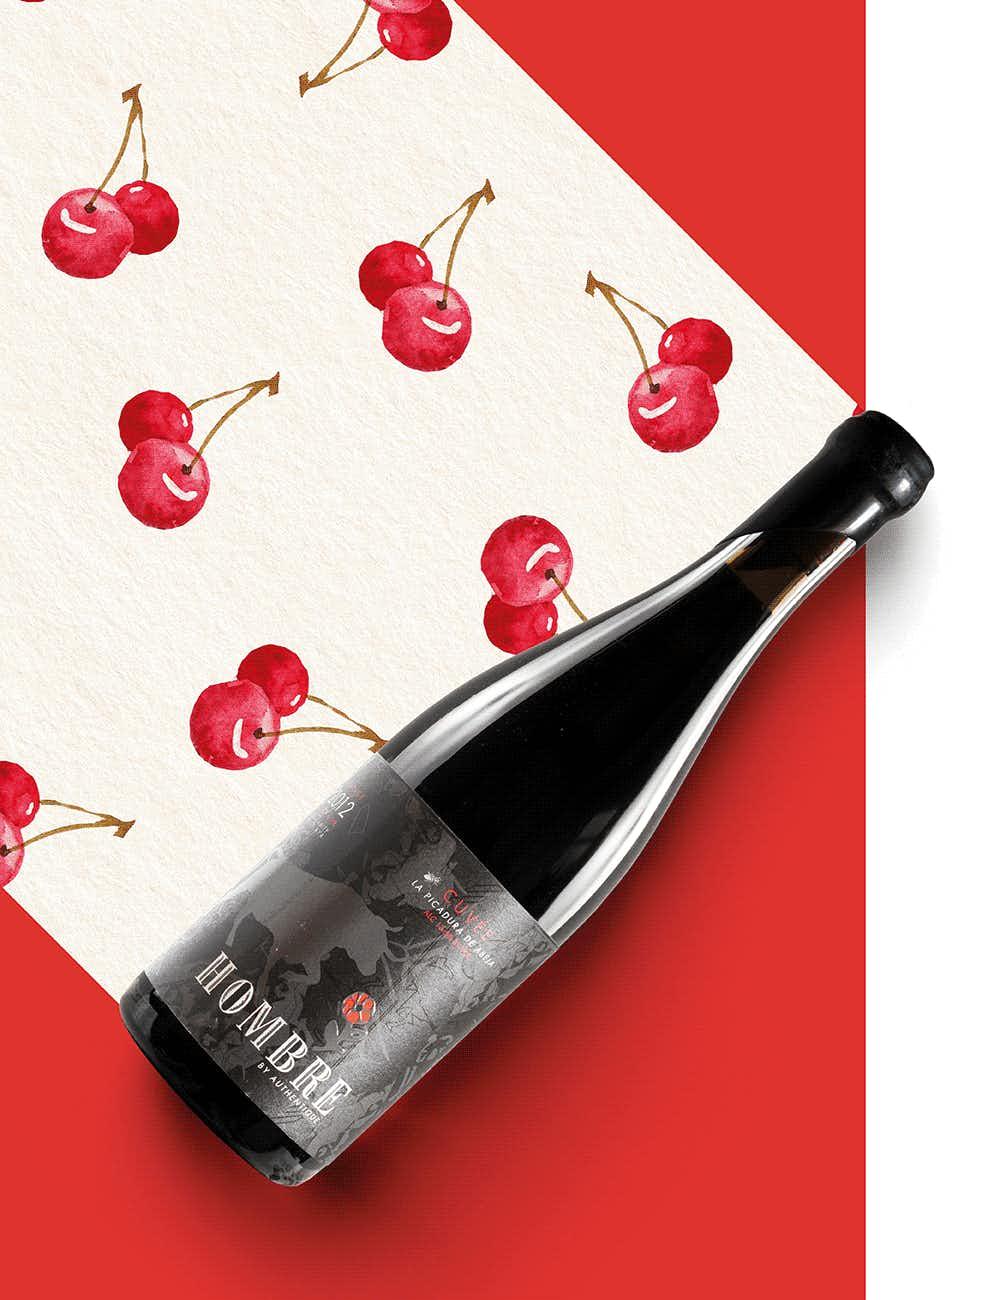 """Authentique """"La Picadura de Abeja"""" Pinot Noir 2012"""